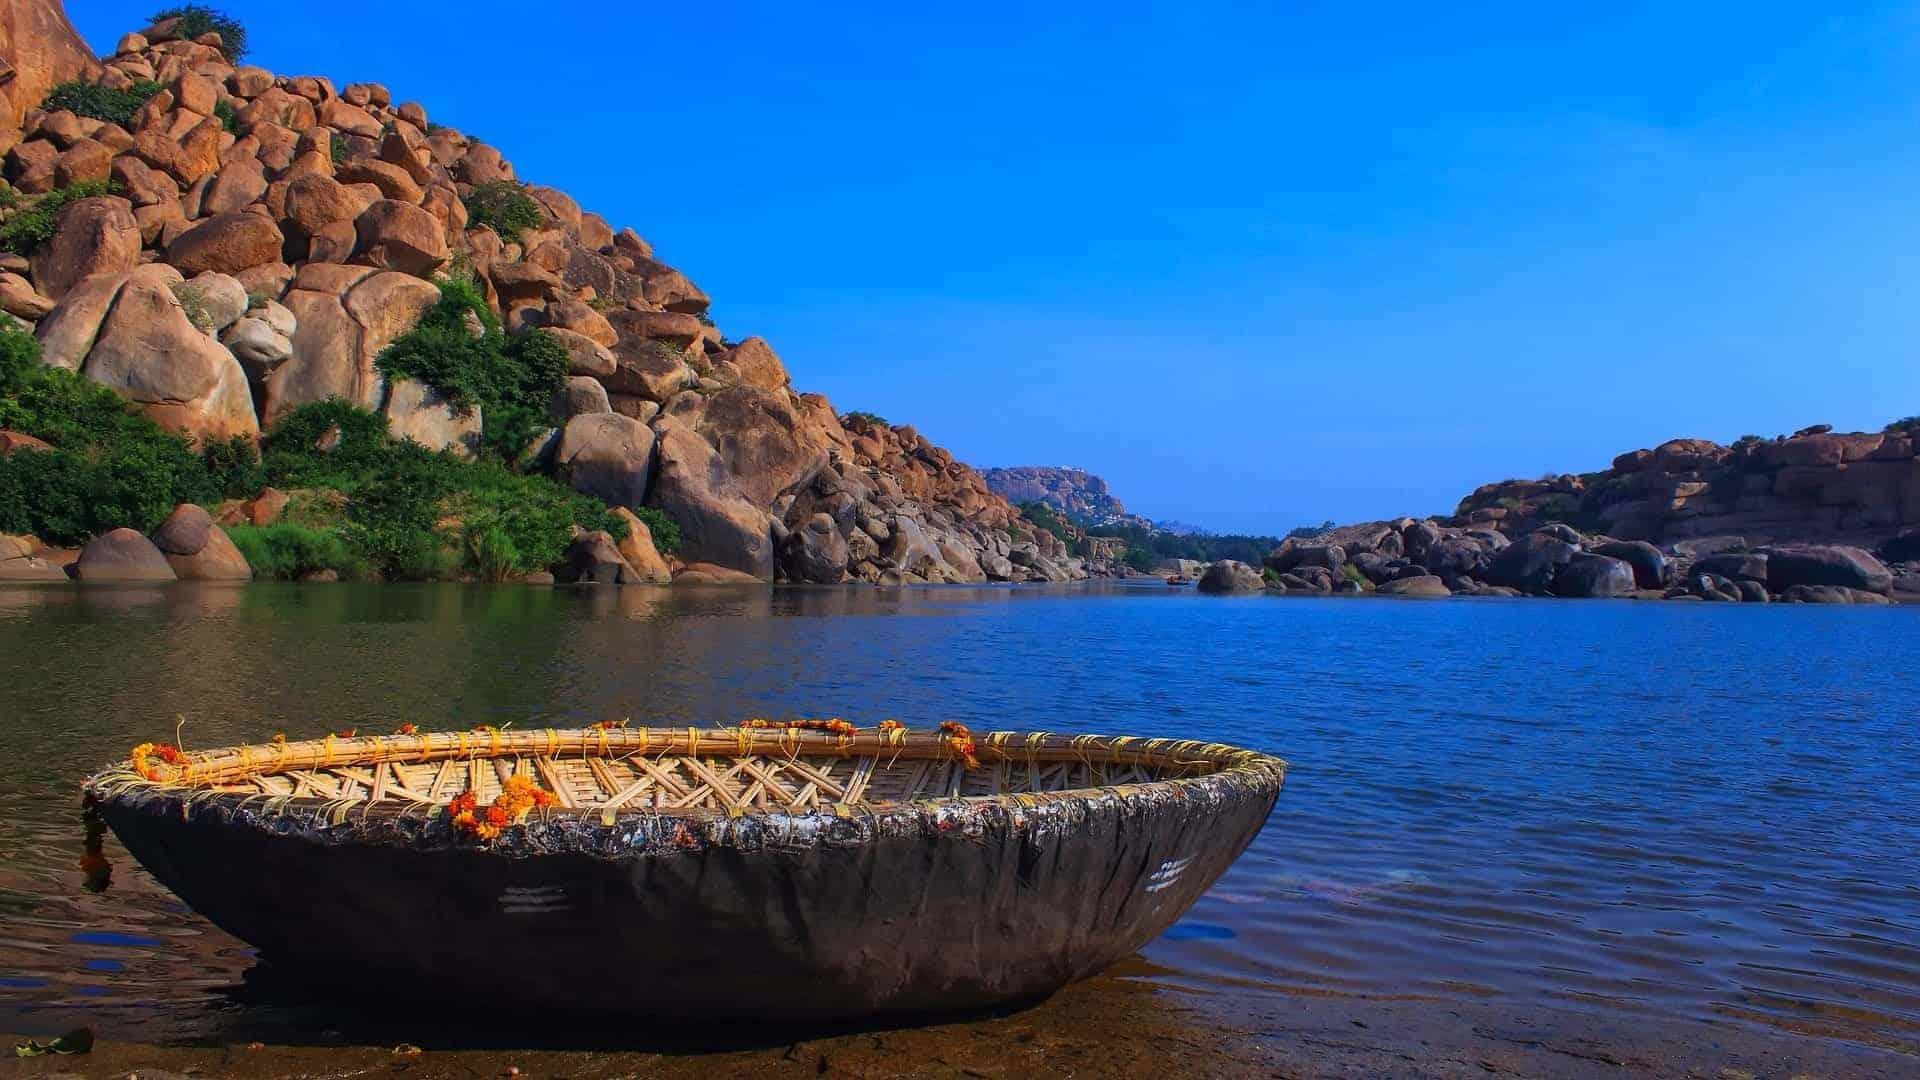 Boating in Hampi